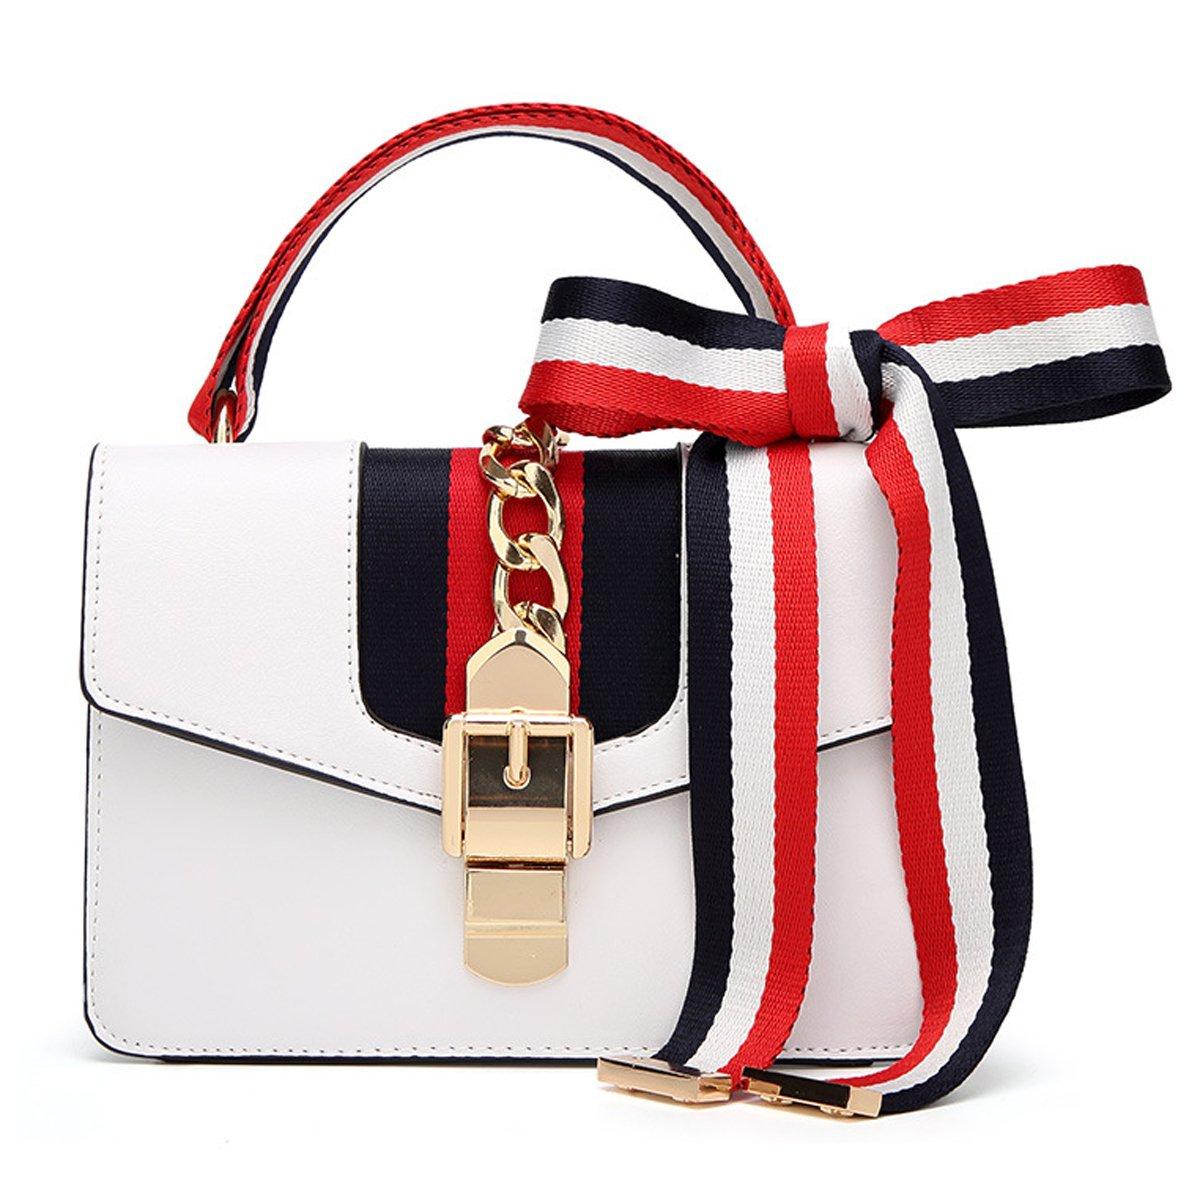 2018 neue Damen Tasche Fashion Handtasche Satinband kleine Tasche Umhängetasche Umhängetasche Kette Tasche (22 x 8 x 15 cm, Rot) liyuanbaihuo